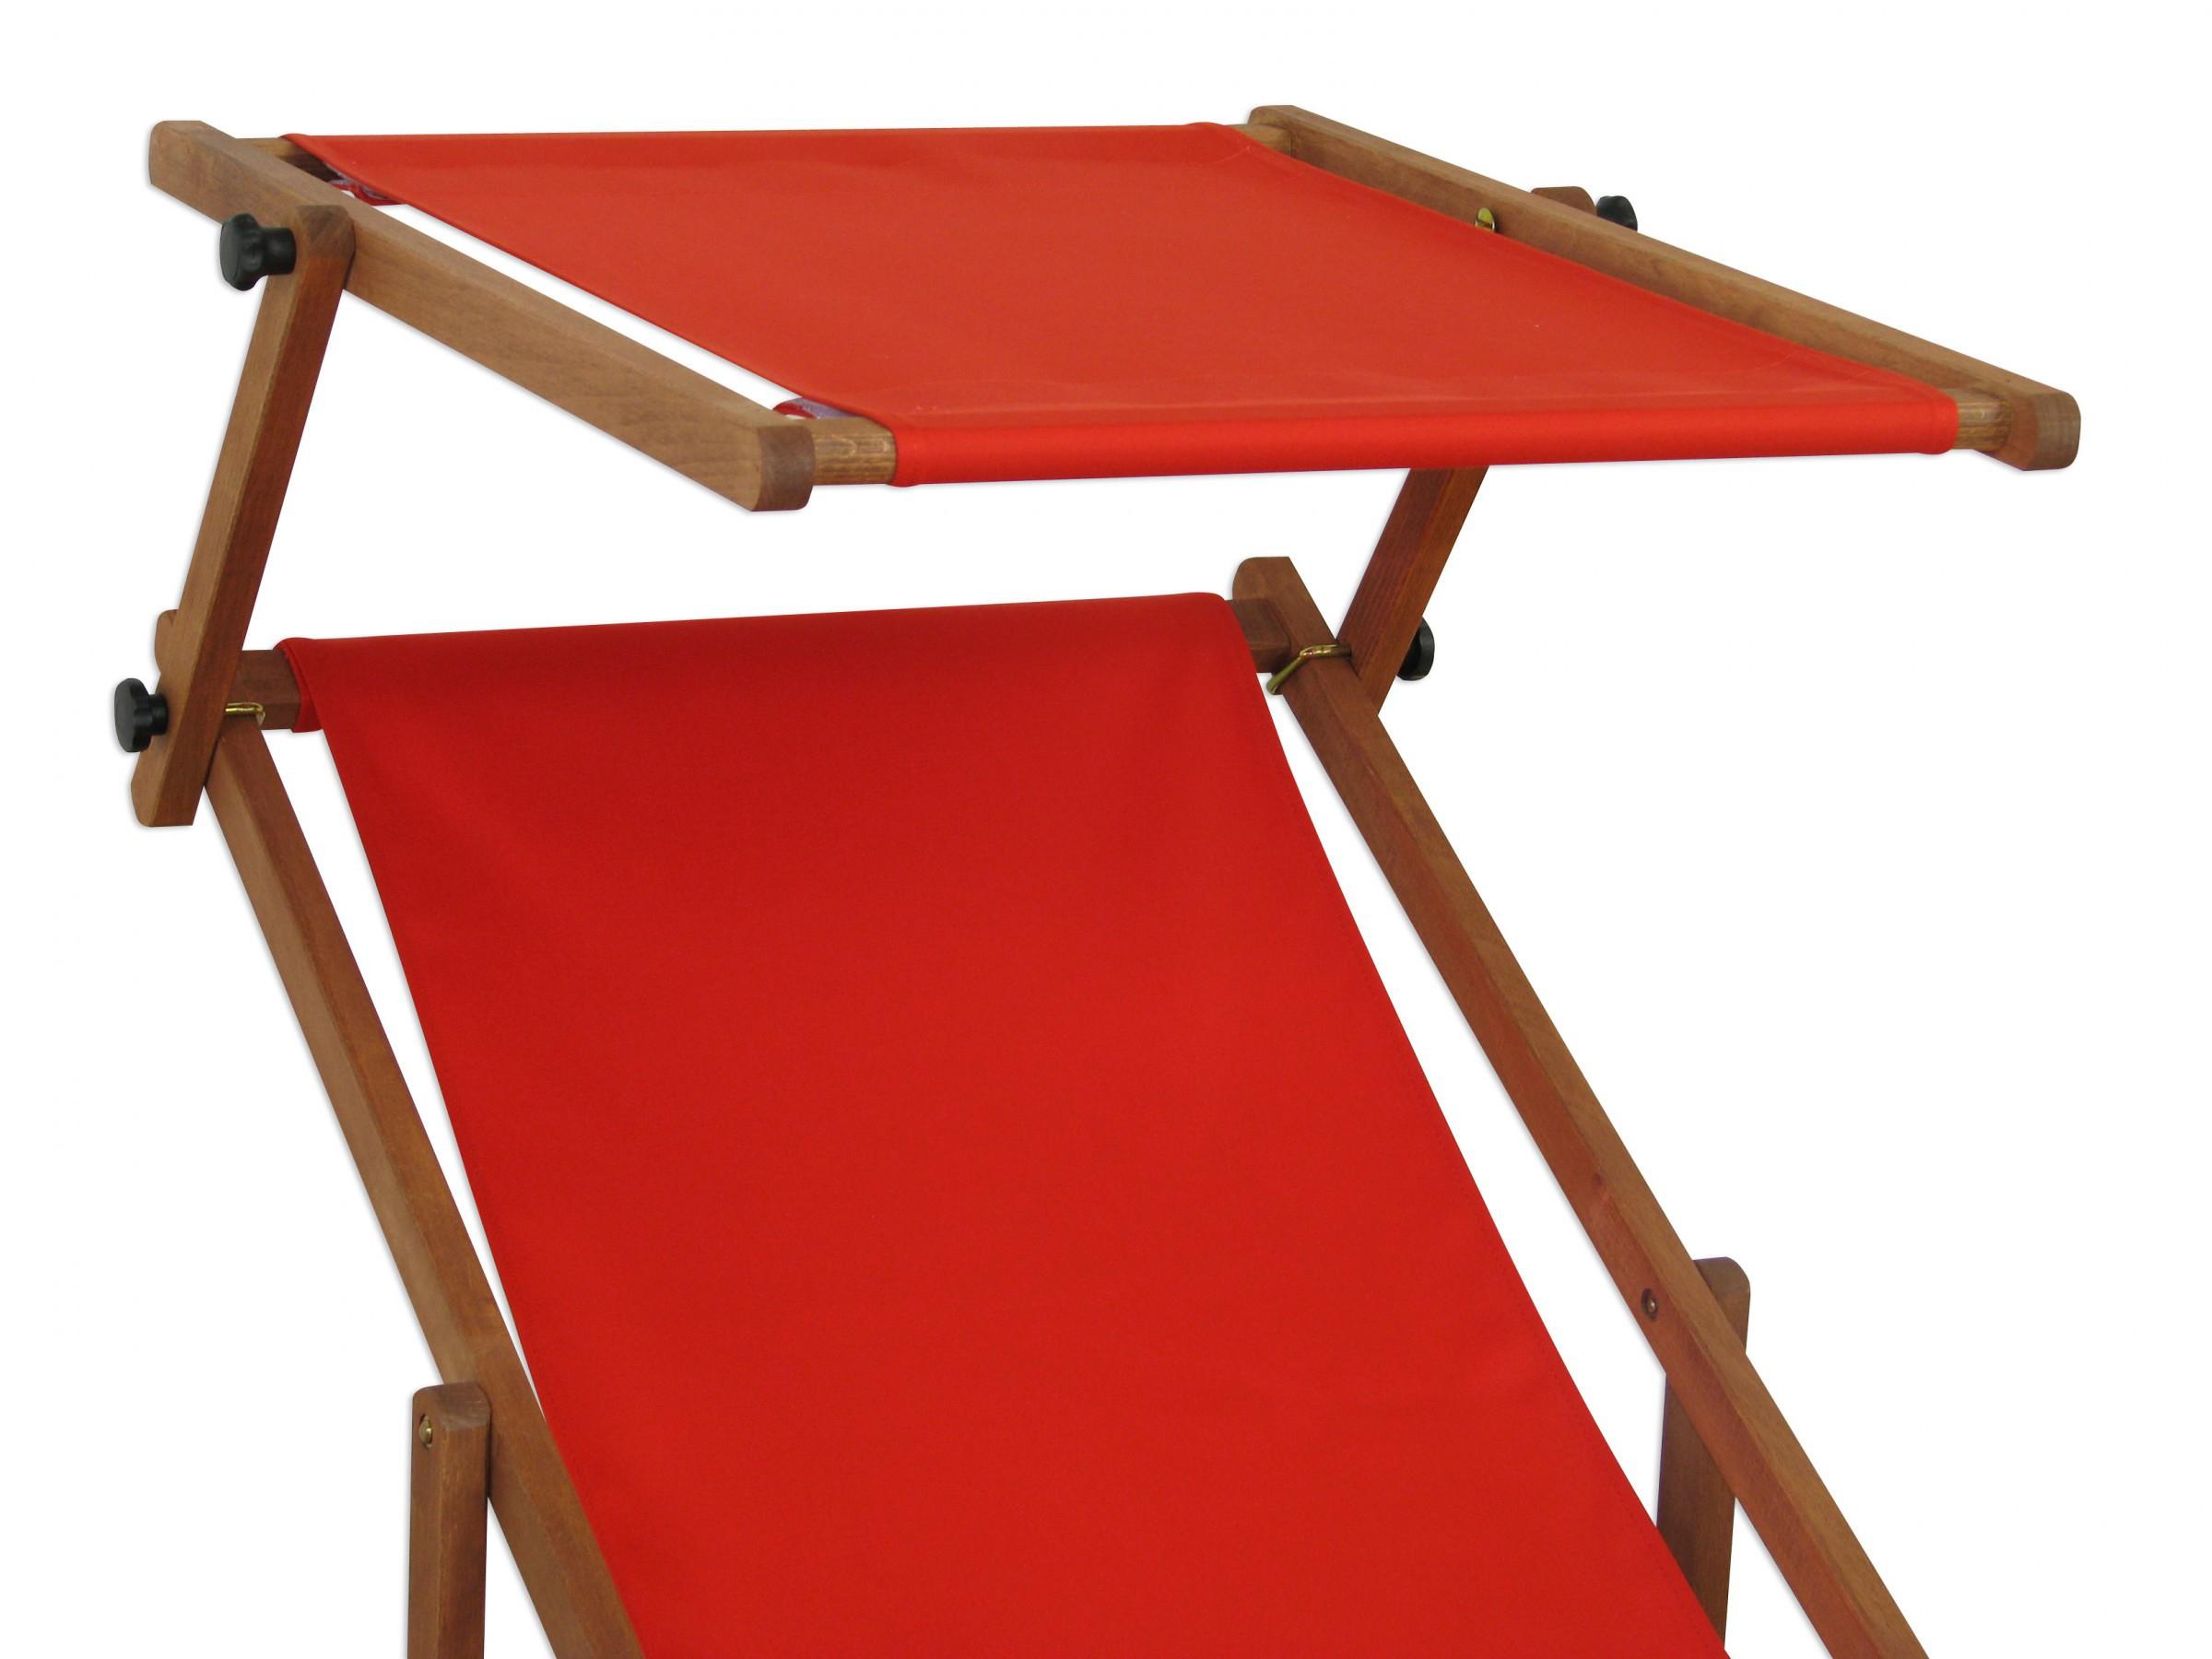 Lit Soleil Rouge Chaise Longue Toit Ouvrant Coussin Meubles de ...